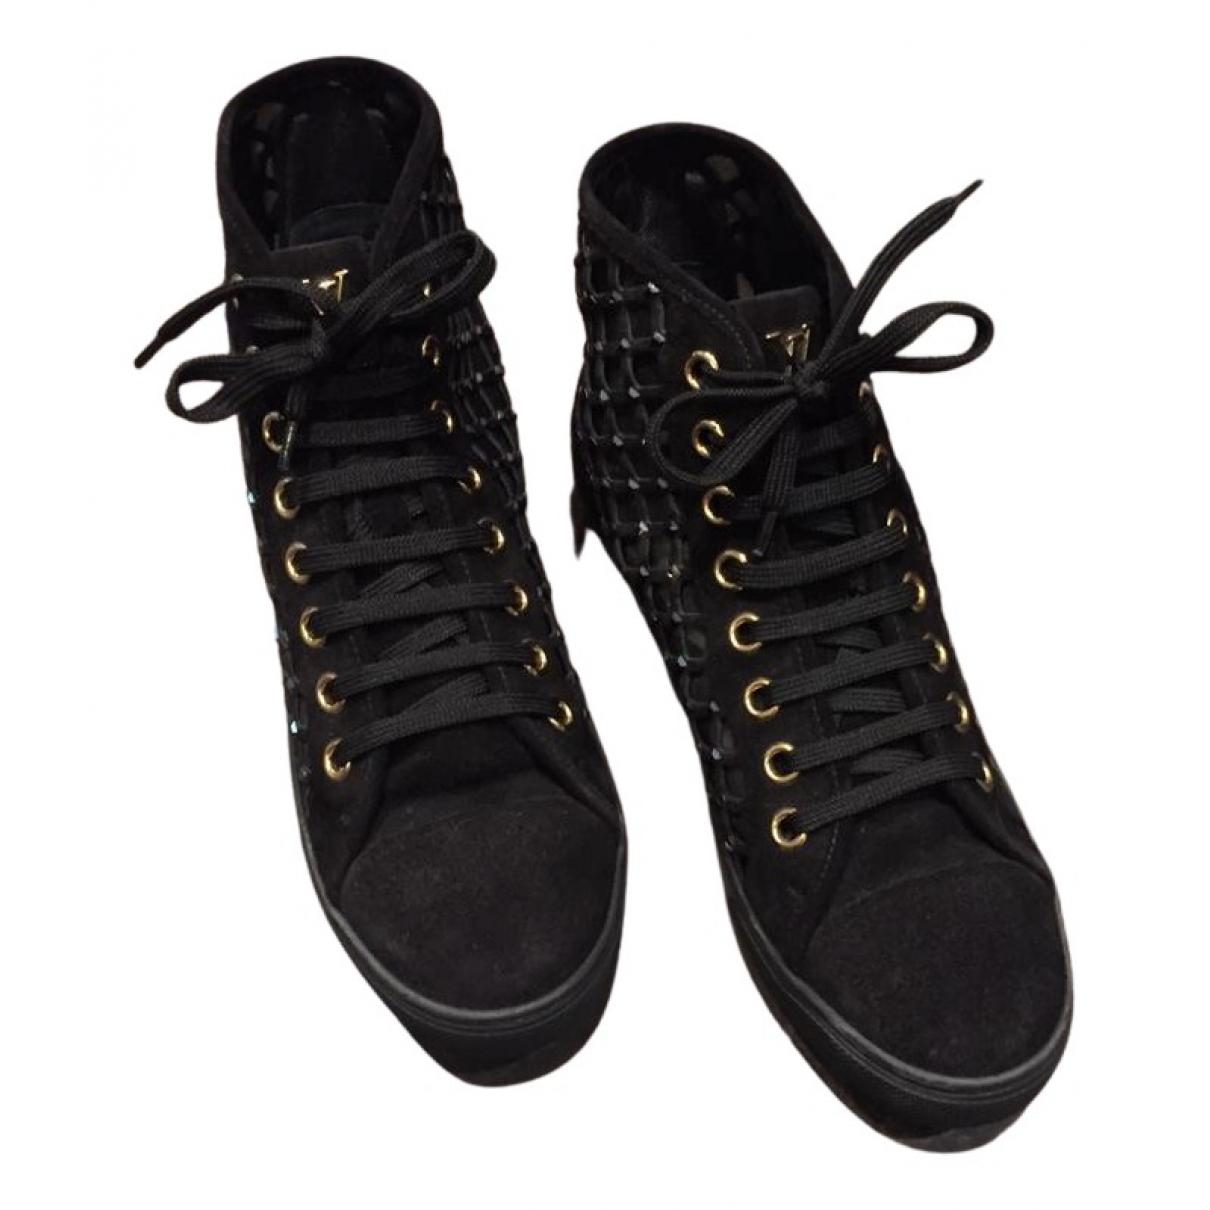 Louis Vuitton - Baskets Stellar pour femme en suede - noir